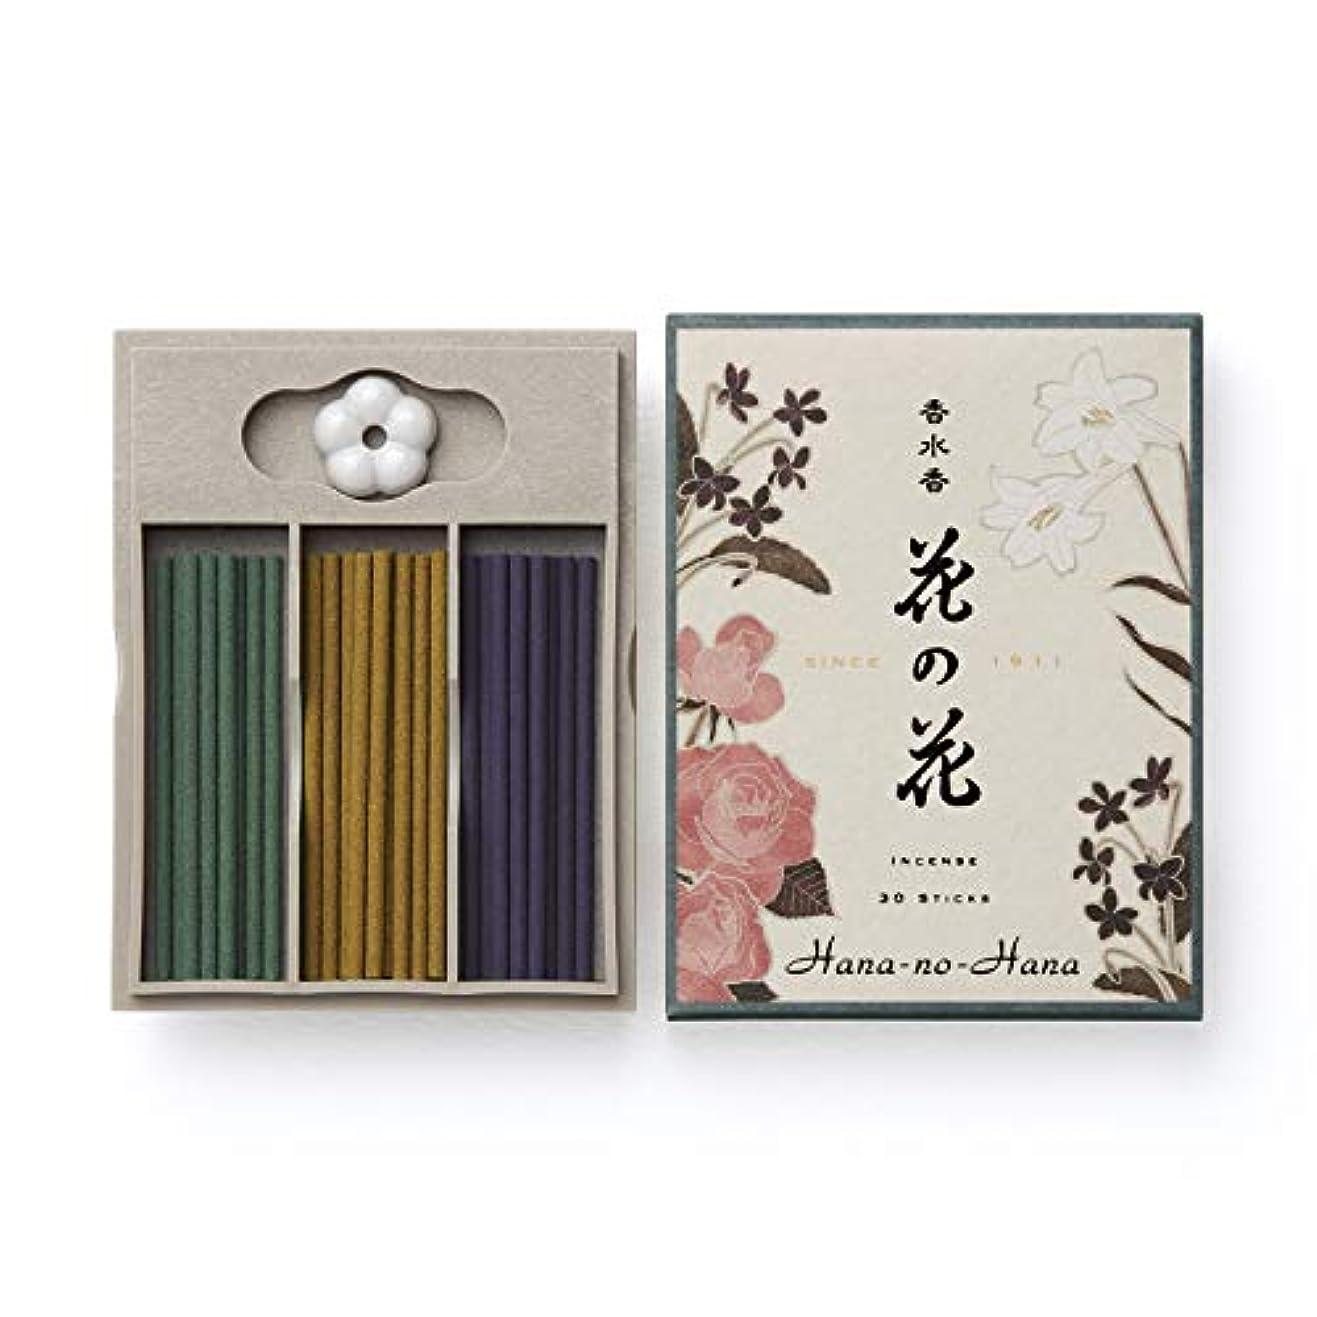 スタッフどきどきブランチ日本香堂 香水香 花の花 三種入 スティック30本入 ばら?ゆり?すみれ